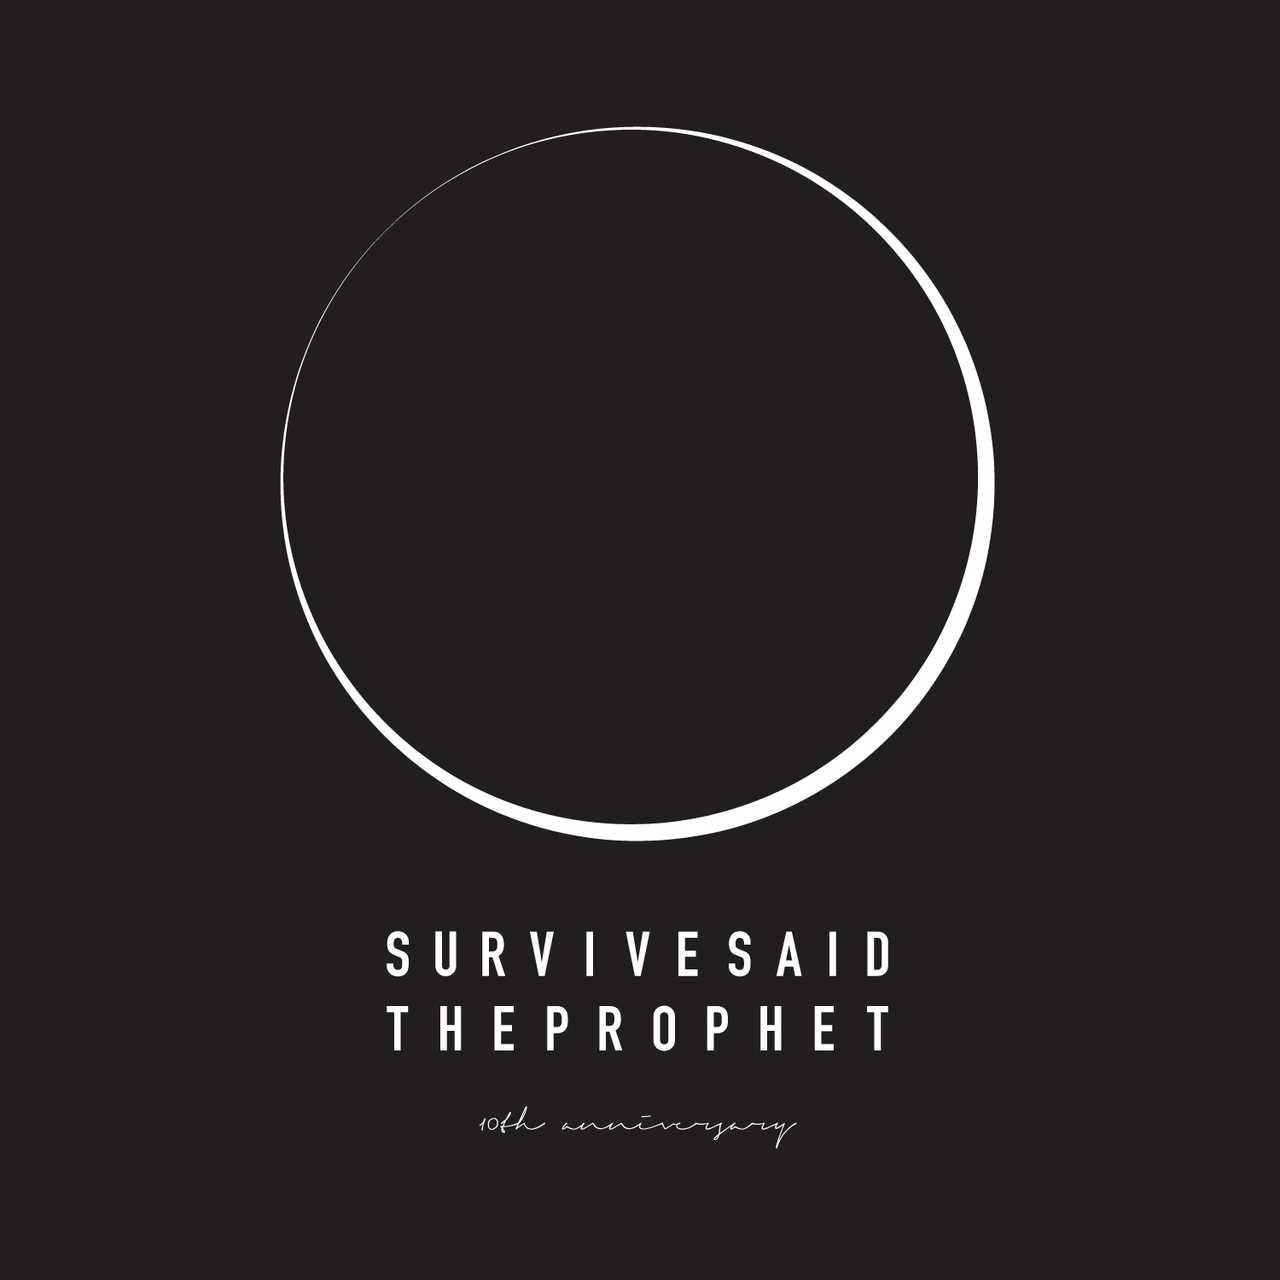 Survive Said The Prophet 10周年ロゴ